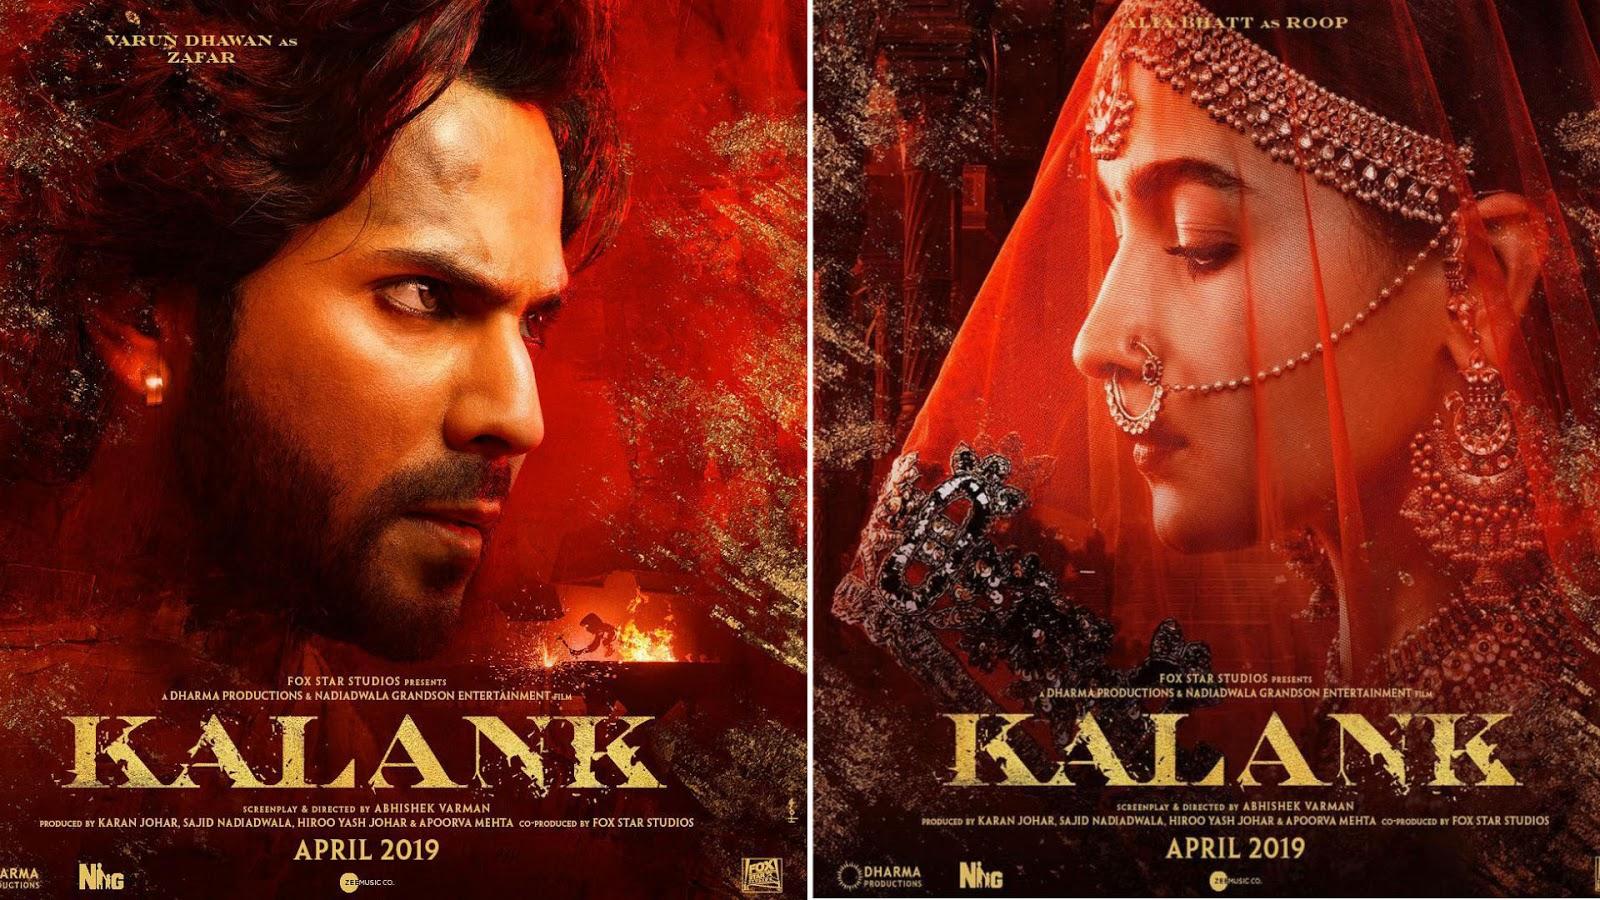 Kalank 2019 Hindi Movie Watch And Free Download Khatrimaza